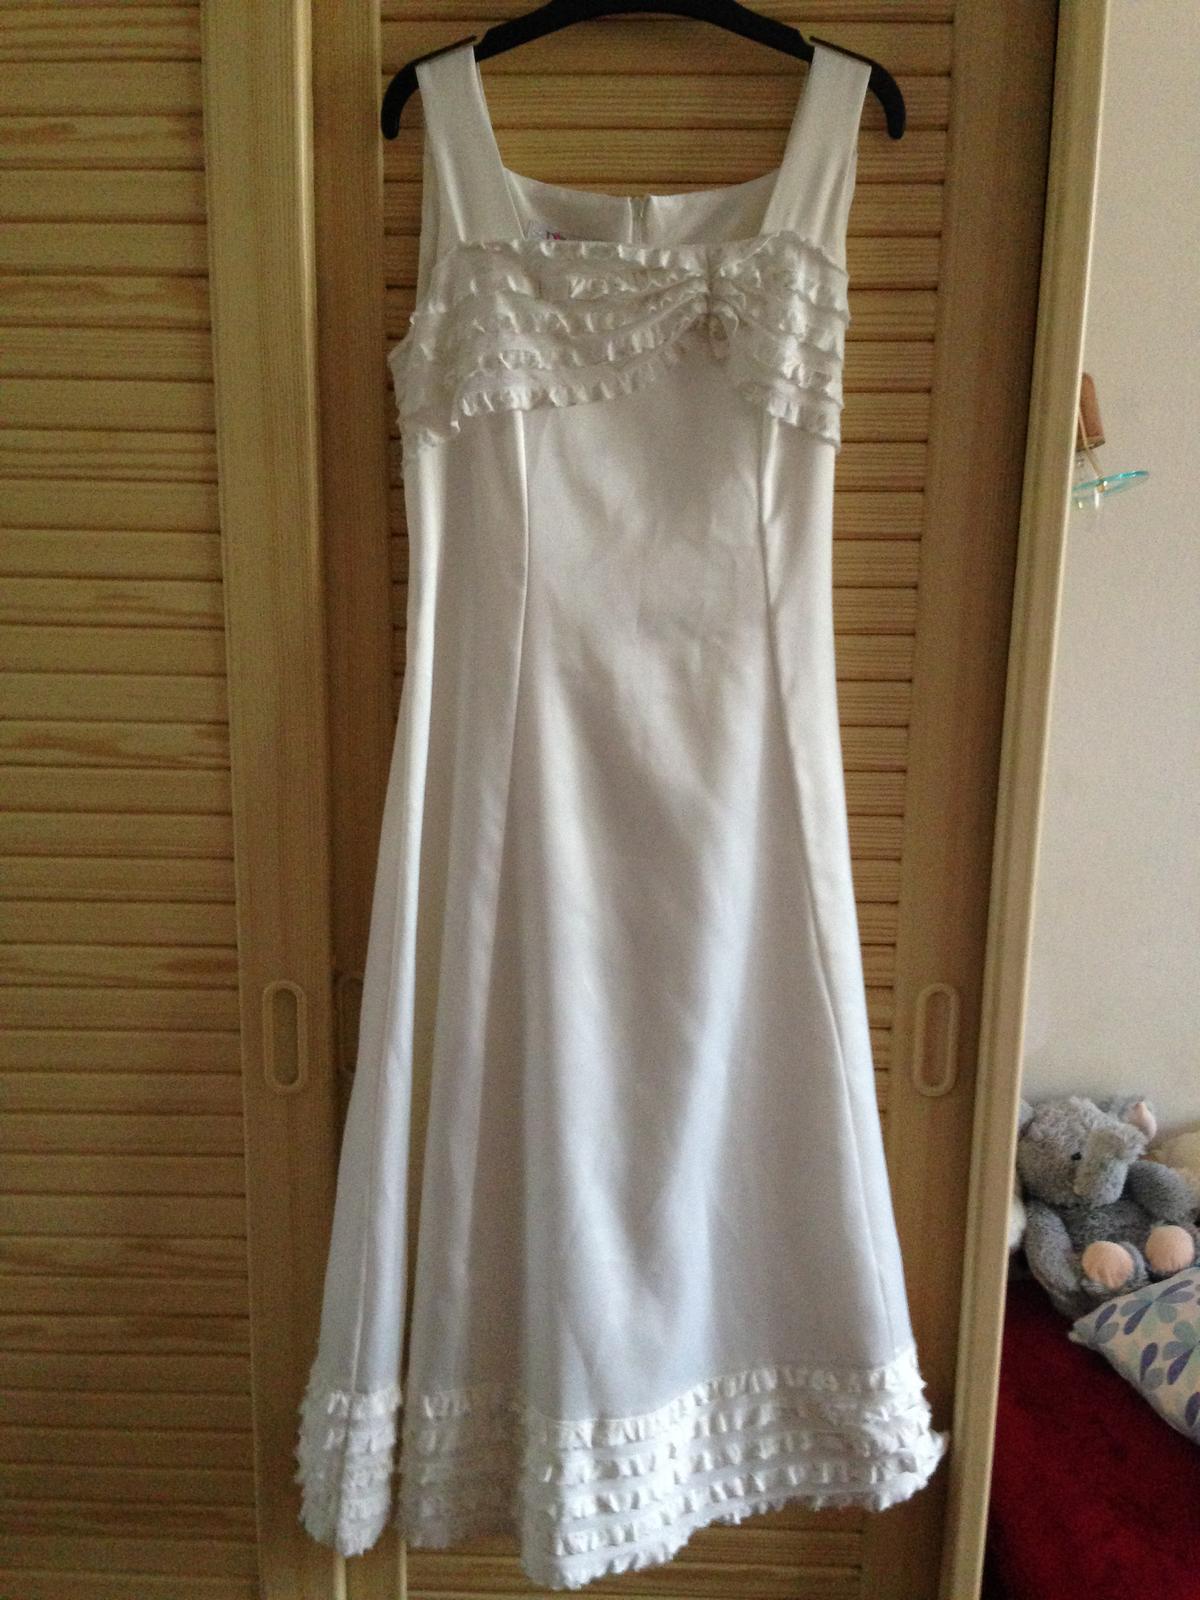 Bílé krémové dívčí šaty vel.152 - Obrázek č. 1